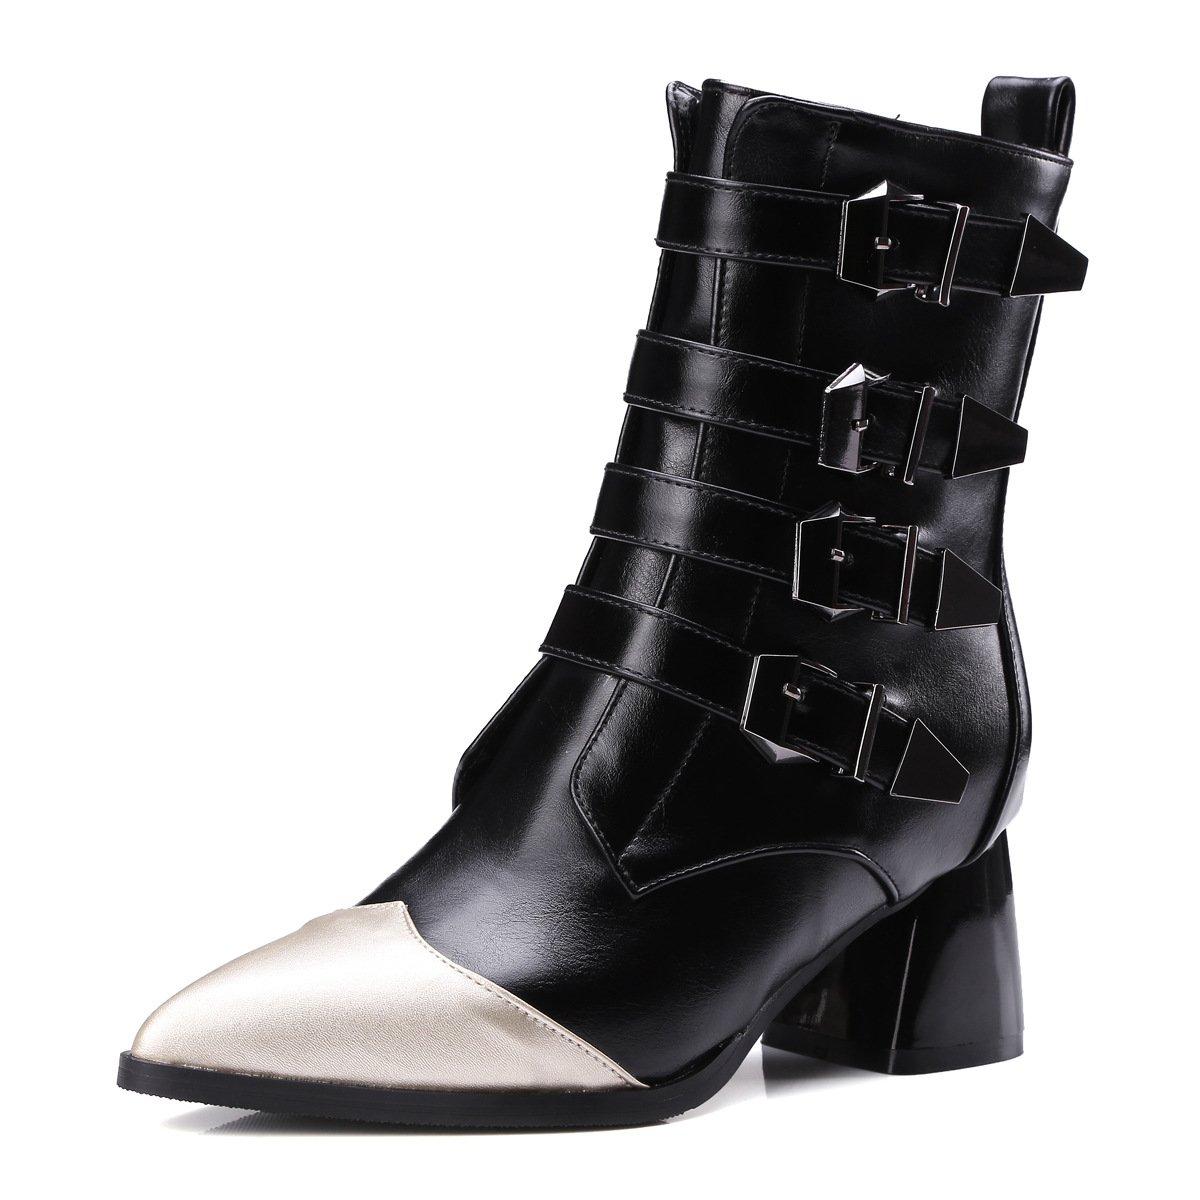 Frauen Martin Schuhe Komfort Chunky Heels Stiefel Herbst Spitz Stich Farbe Bucktie Stiefelie